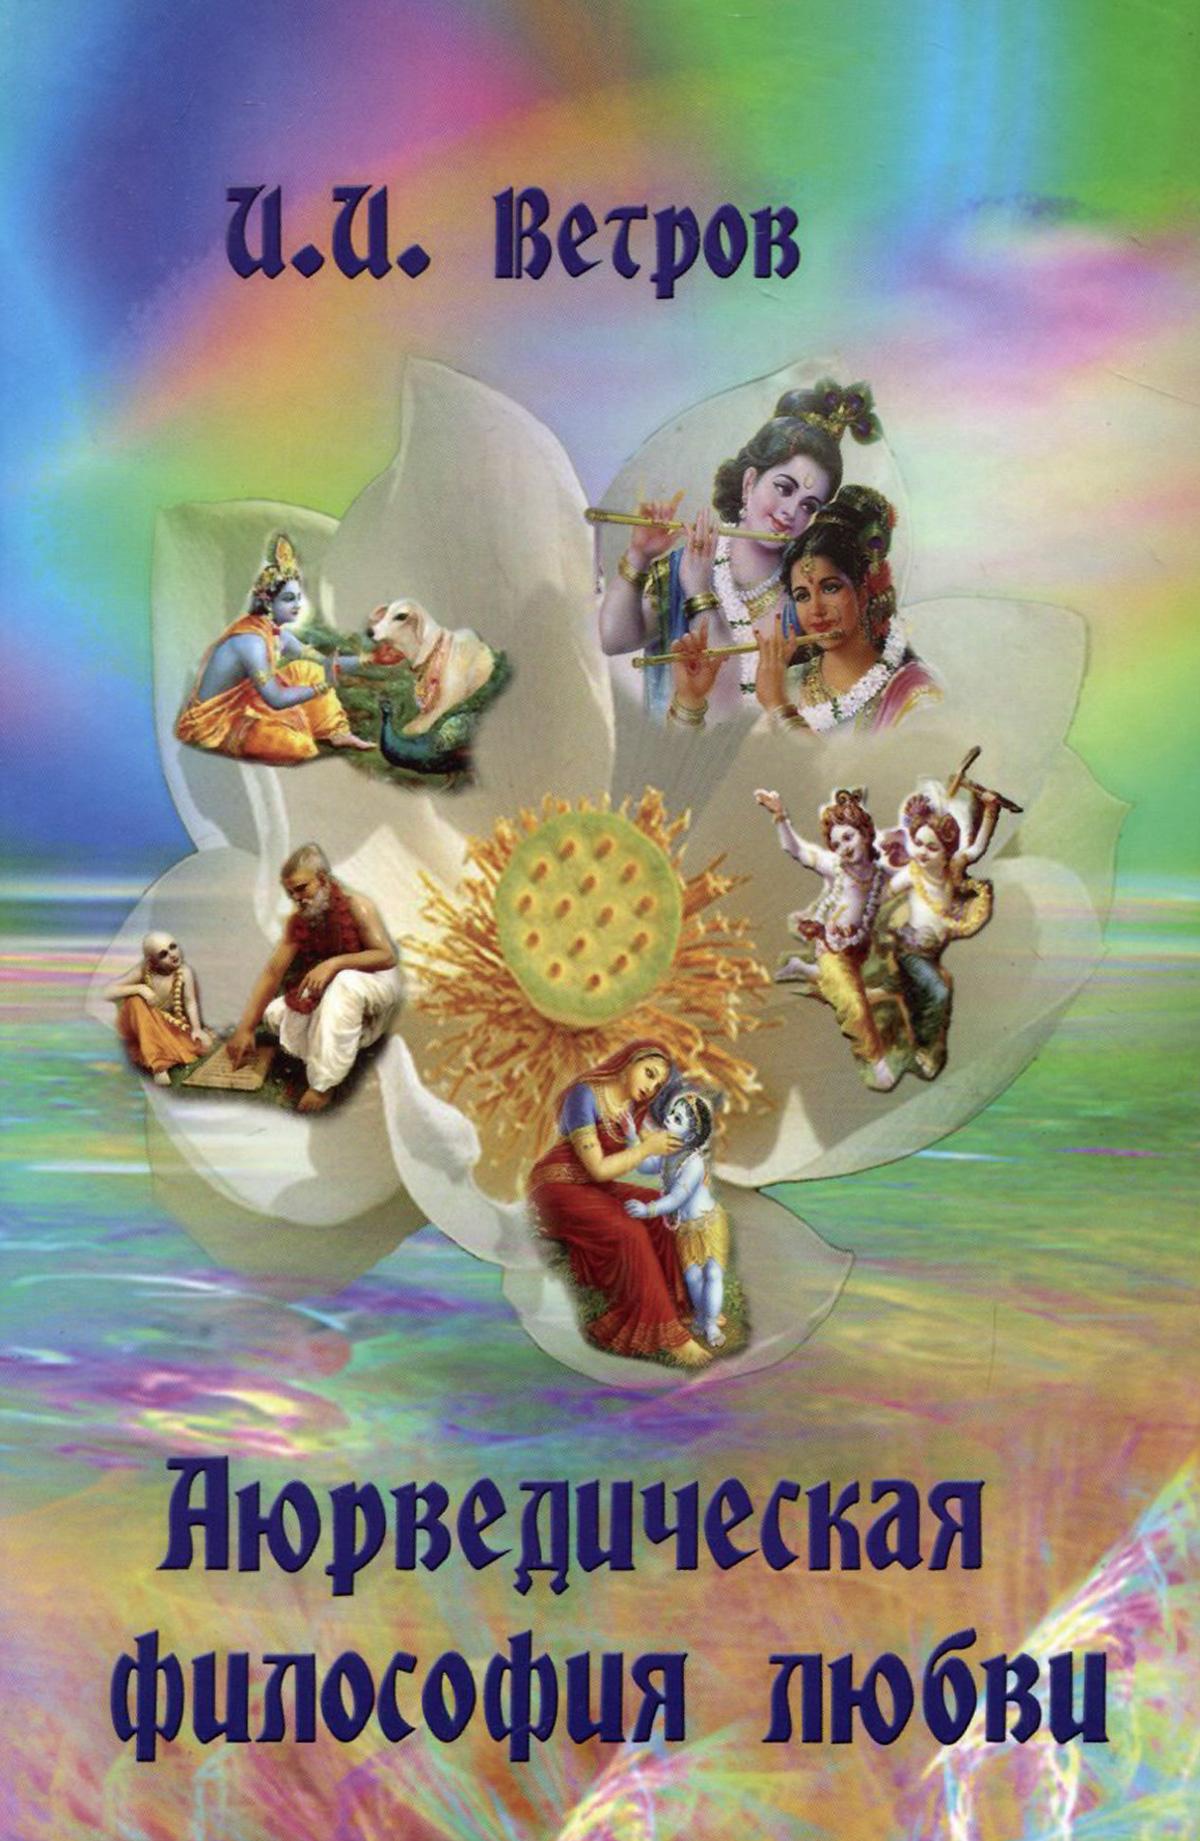 Аюрведическая философия любви, И. И. Ветров